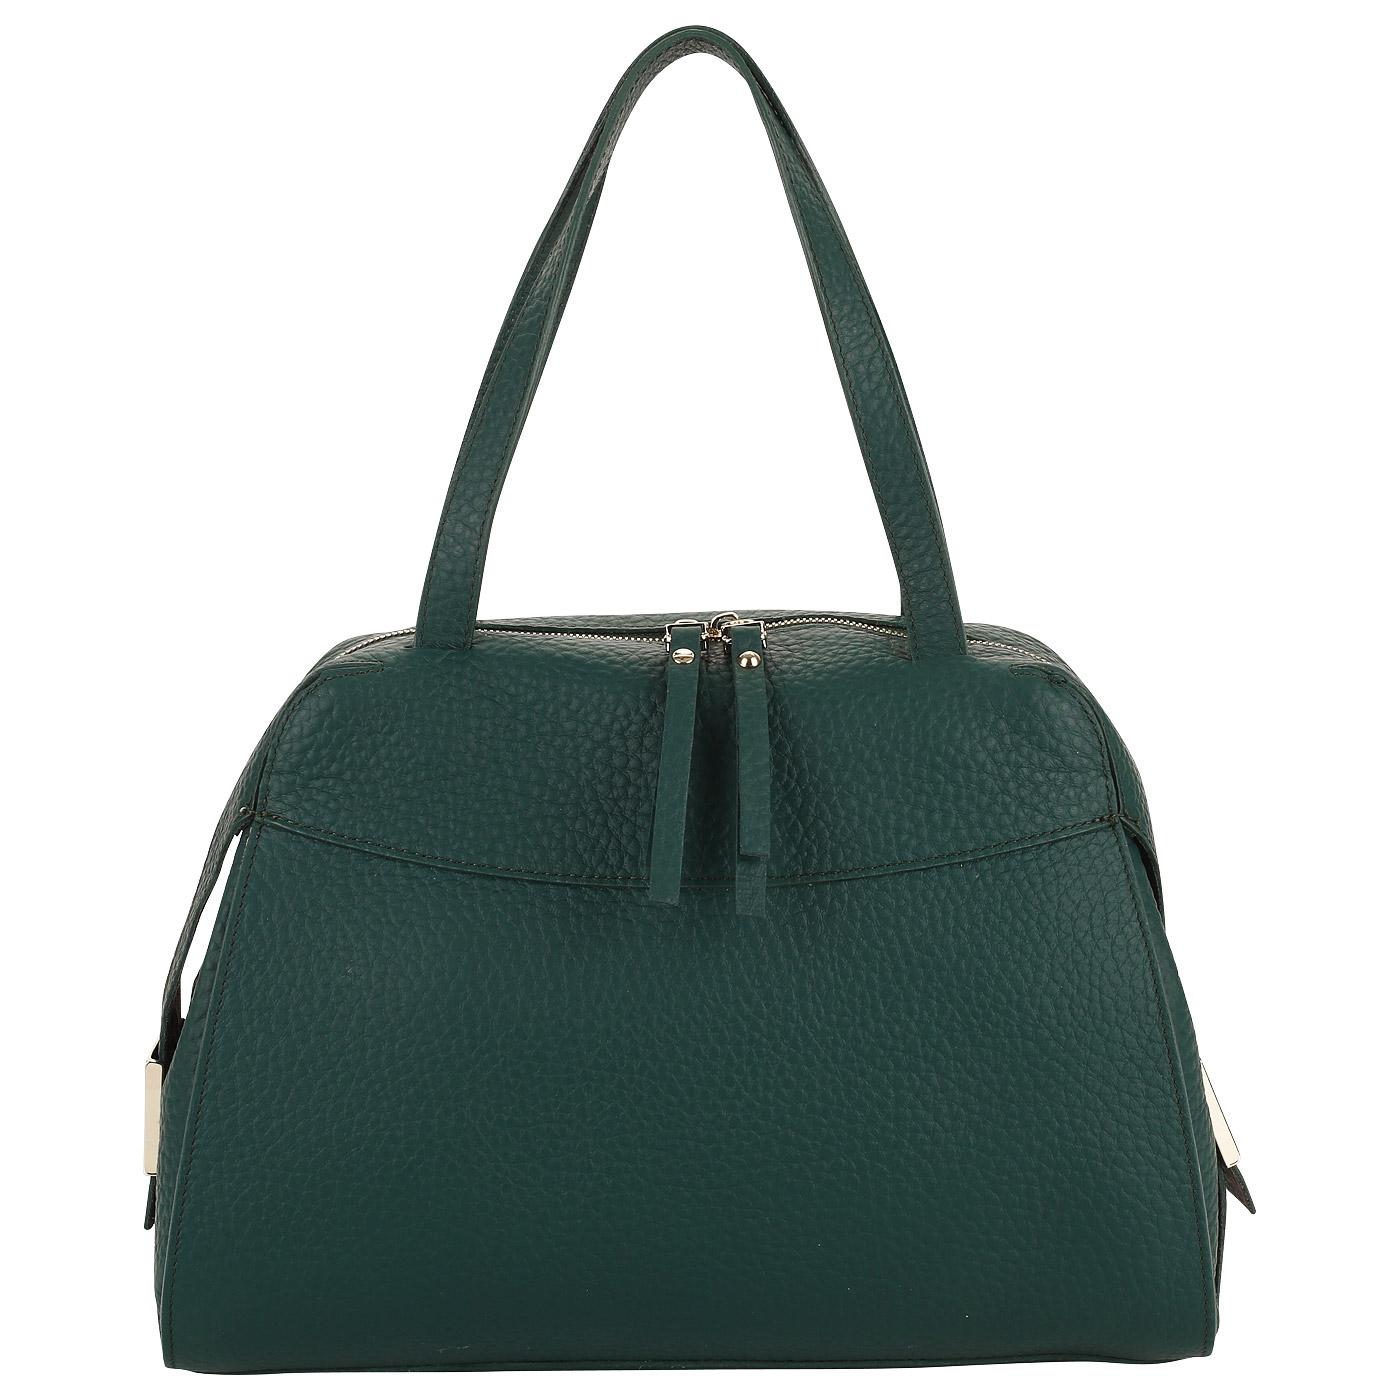 60c41dfd Кожаная сумка с длинными ручками Gilda Tonelli King Eco 0799_verde ...